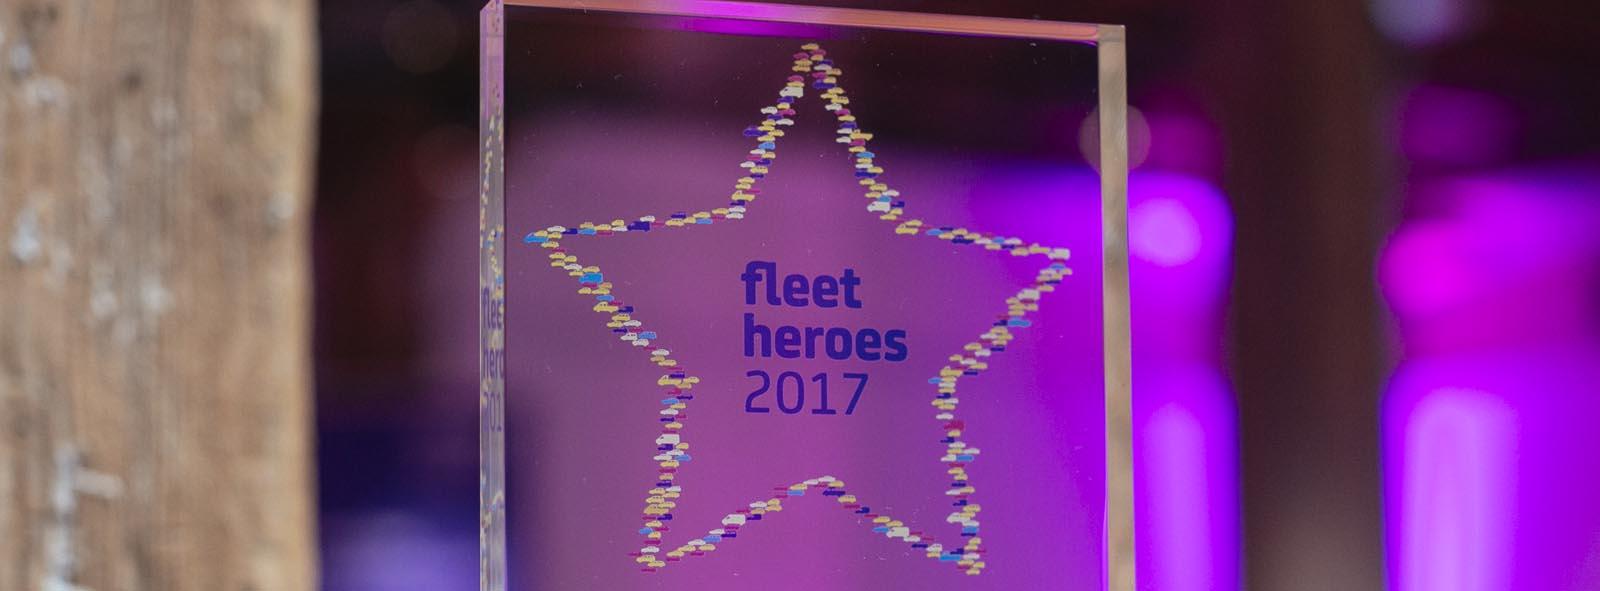 Fleet Hero Awards 2017 trophy